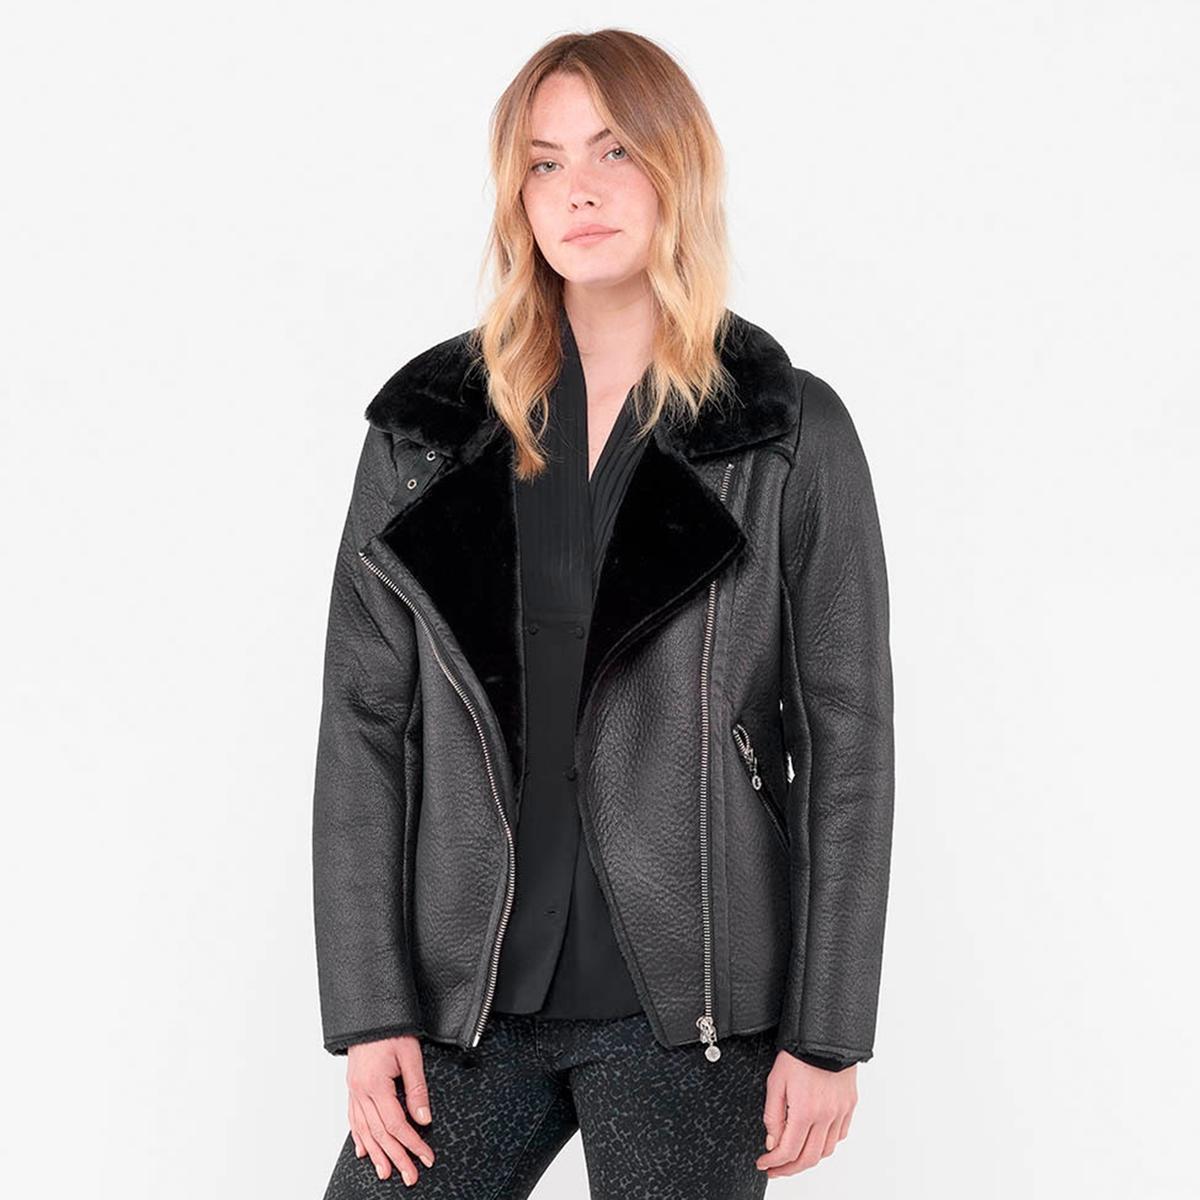 Блузон La Redoute Из искусственной кожи с воротником из искусственного меха M черный жакета одежда из кожи и меха